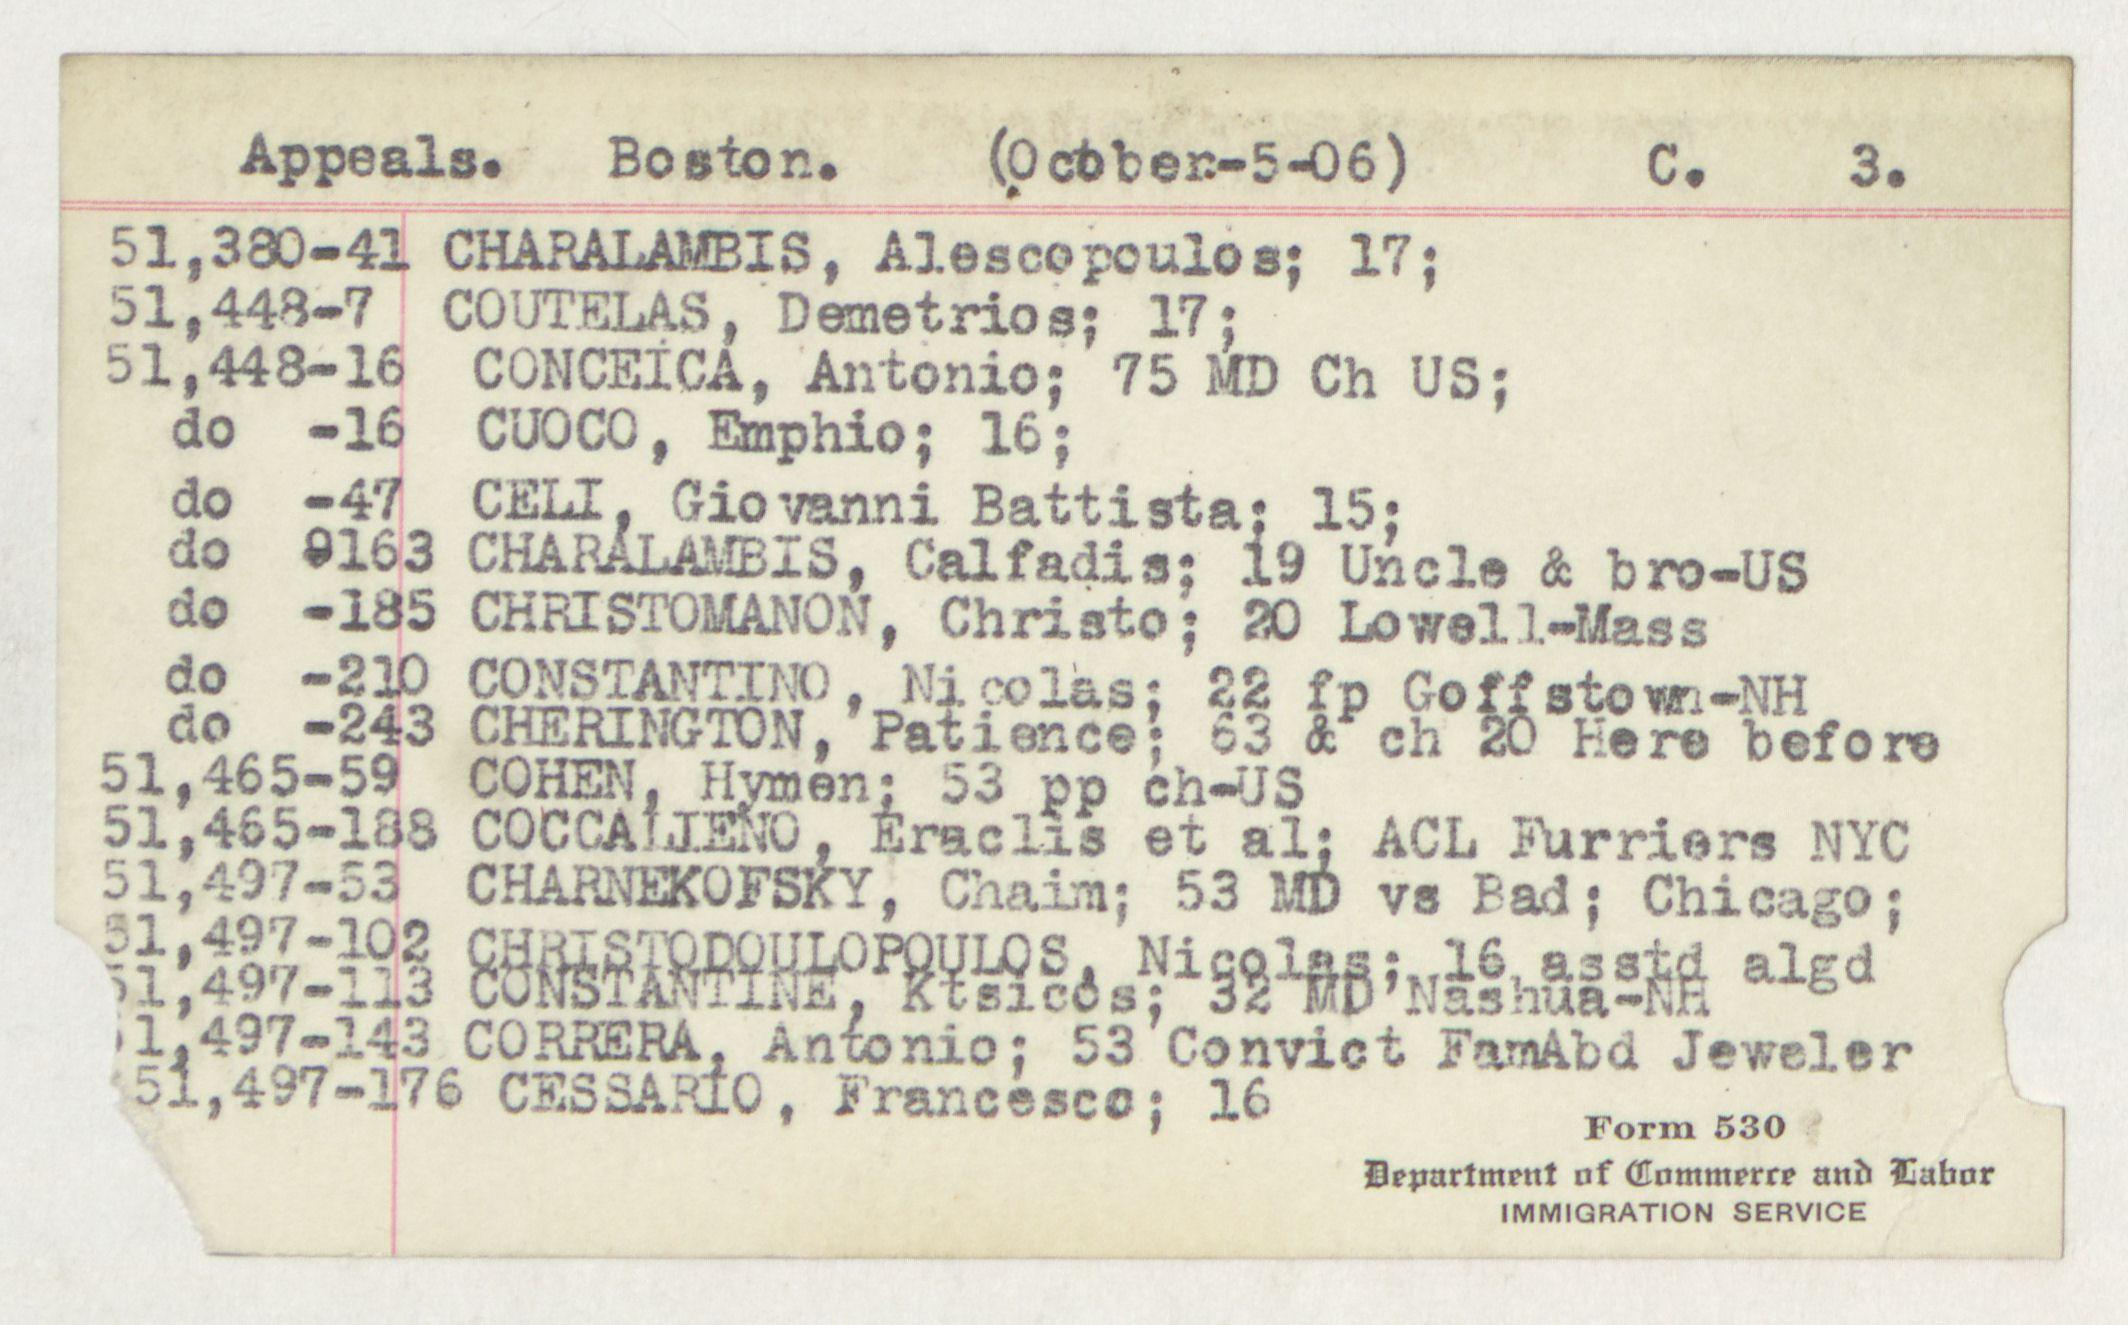 Index Card - C - Appeals - Boston - C - 3